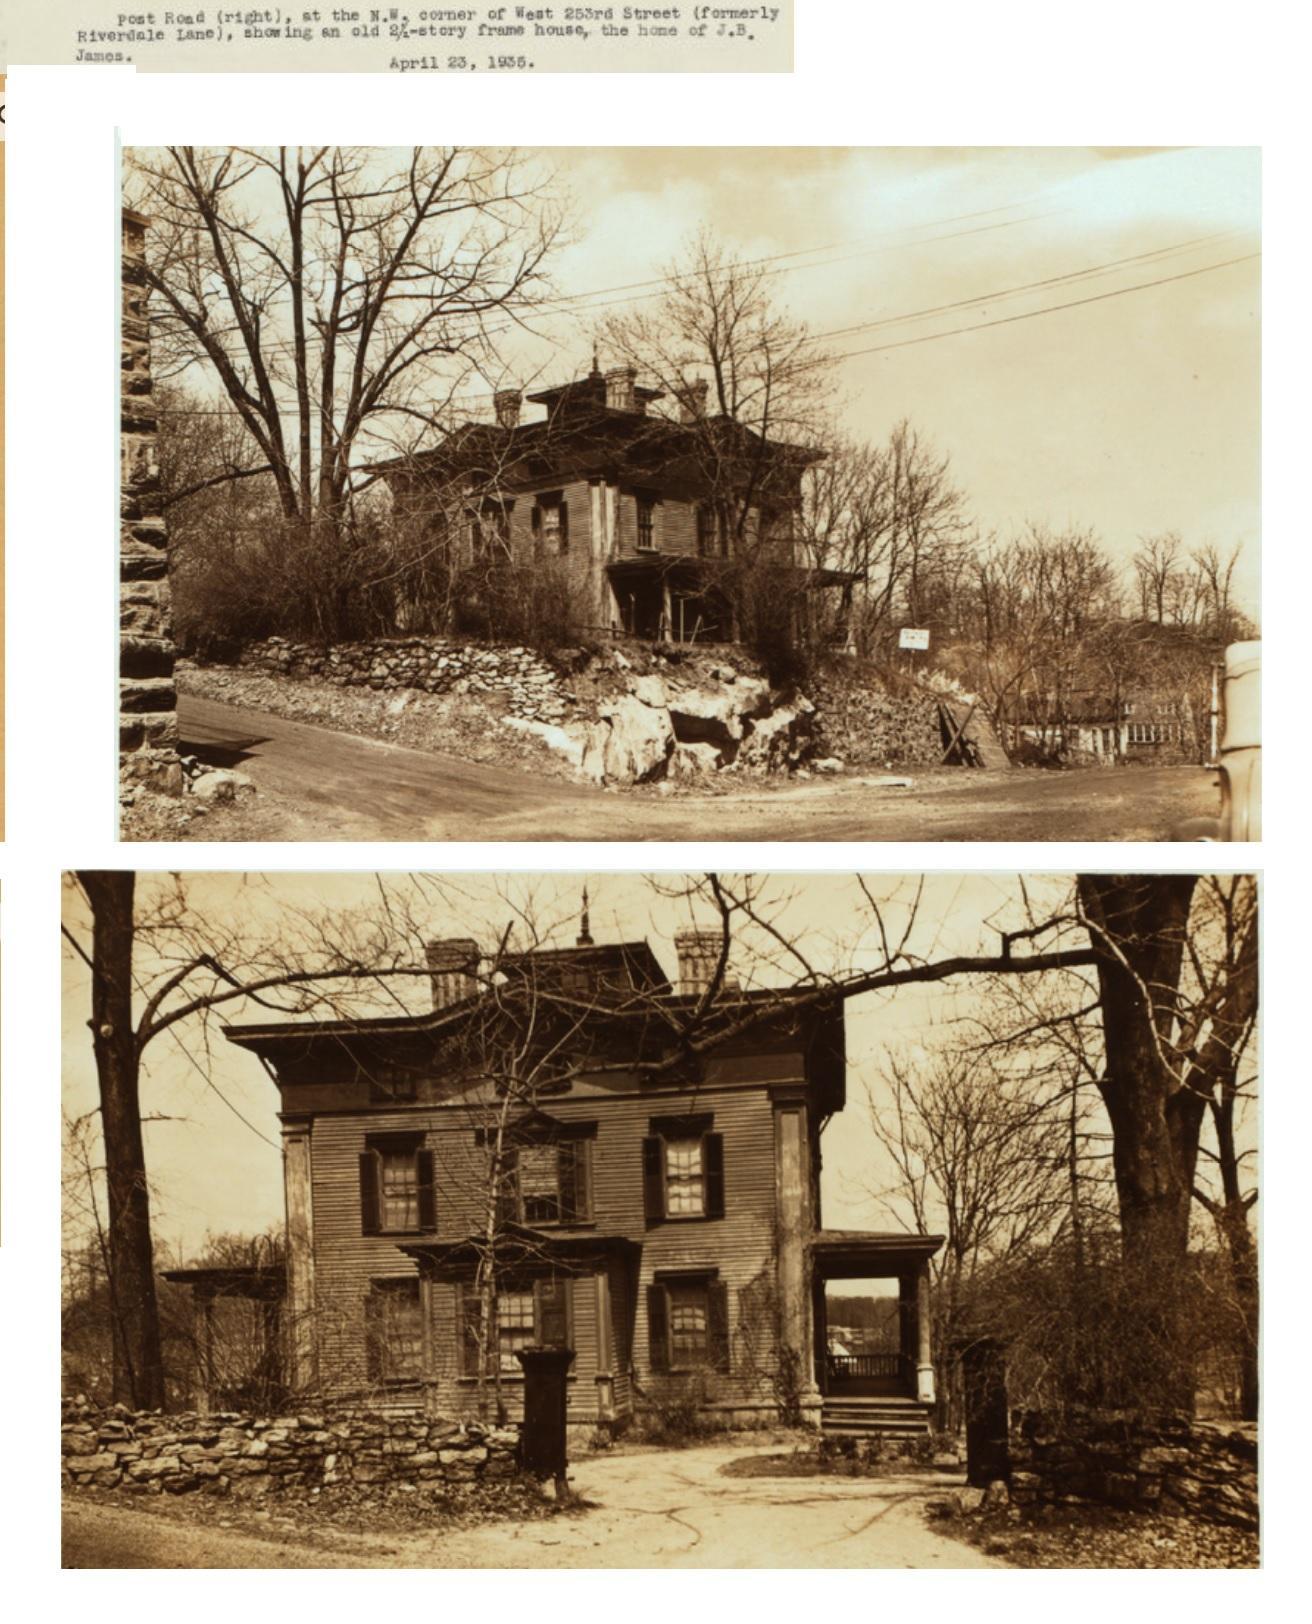 Home of J. B. James